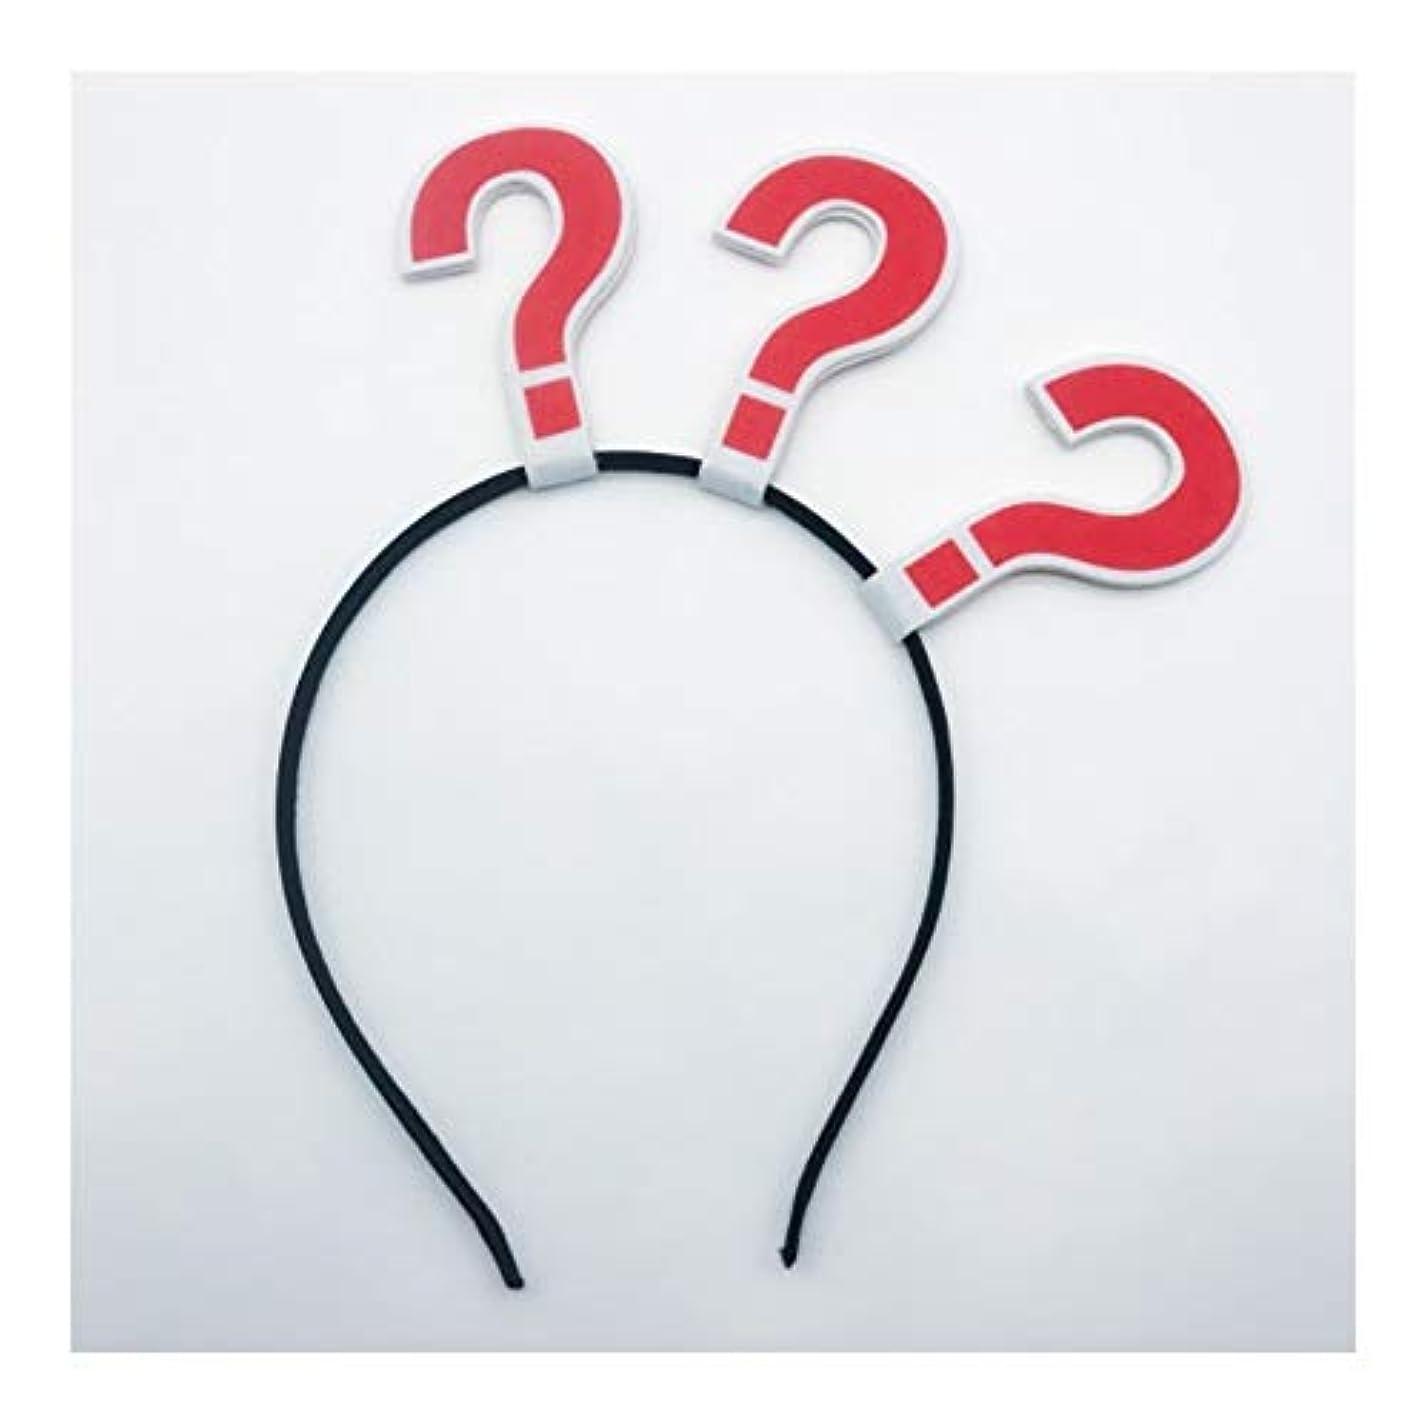 穀物製品道徳のMINGTAI 疑問符ヘッドバンド信号カチューシャWifiの帽子おかしいショーヘッドジュエリー (Color : 1)